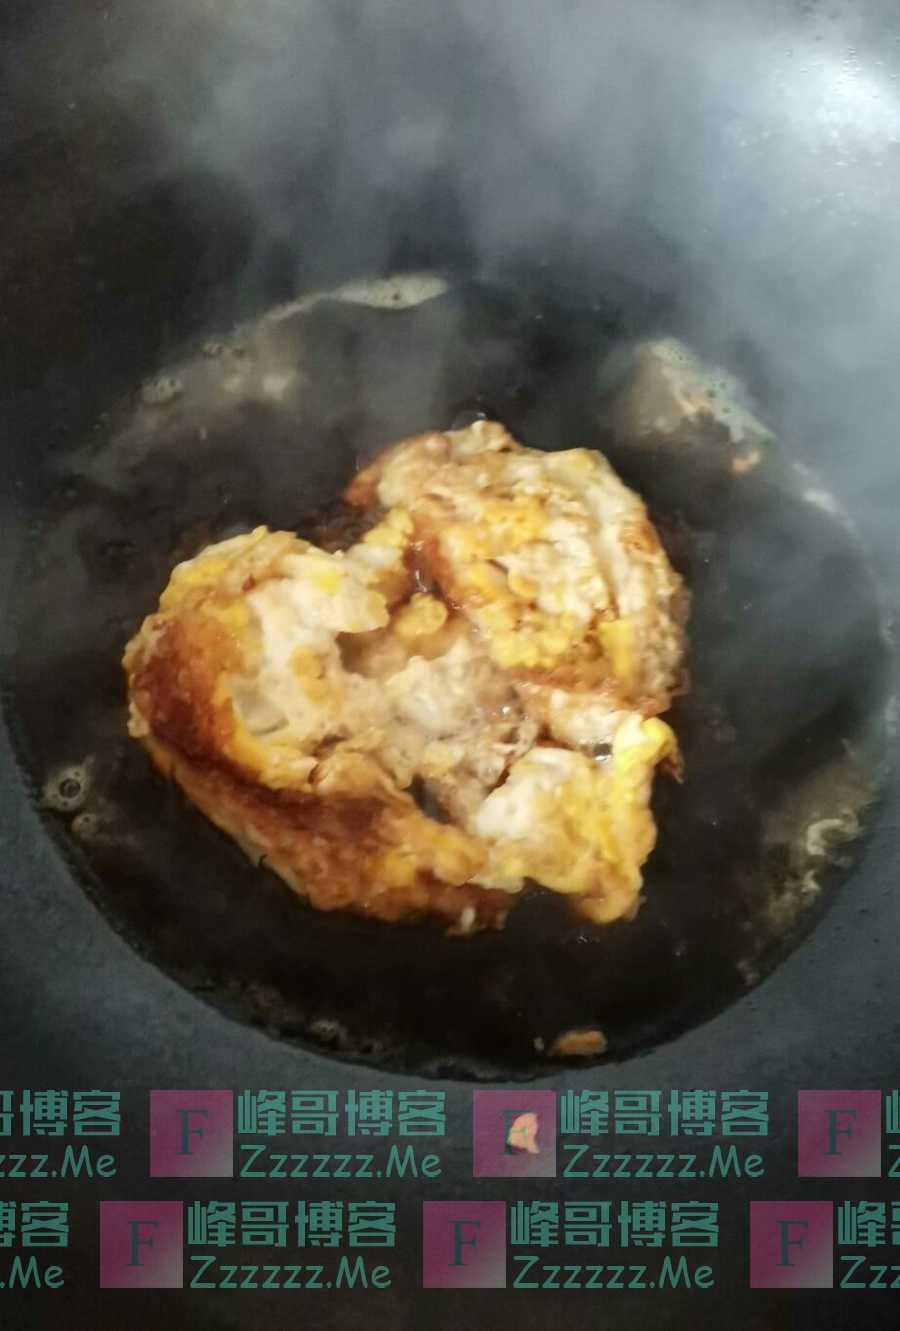 女朋友不会做饭是啥体验?煎蛋蒸米不算啥,看到最后:差点吐出来